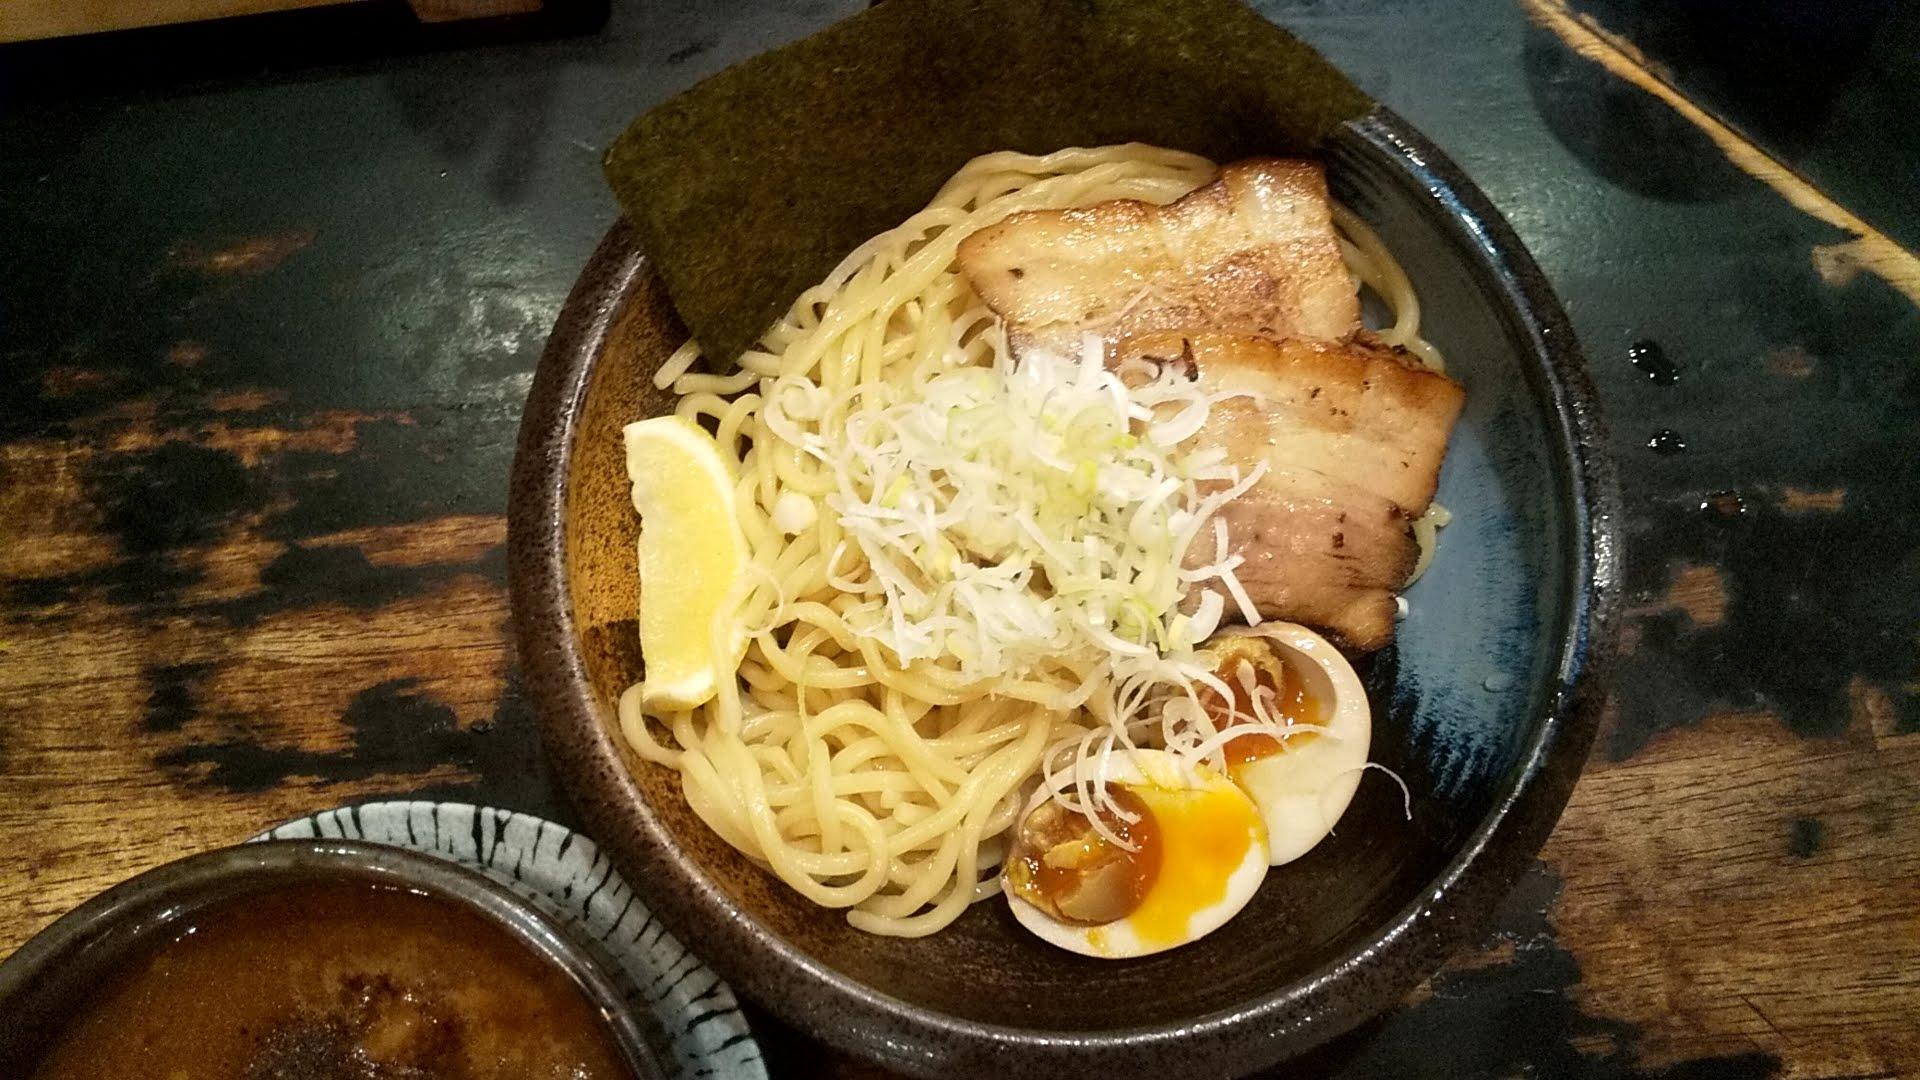 戸みら伊本舗の特製つけ麺の麺皿